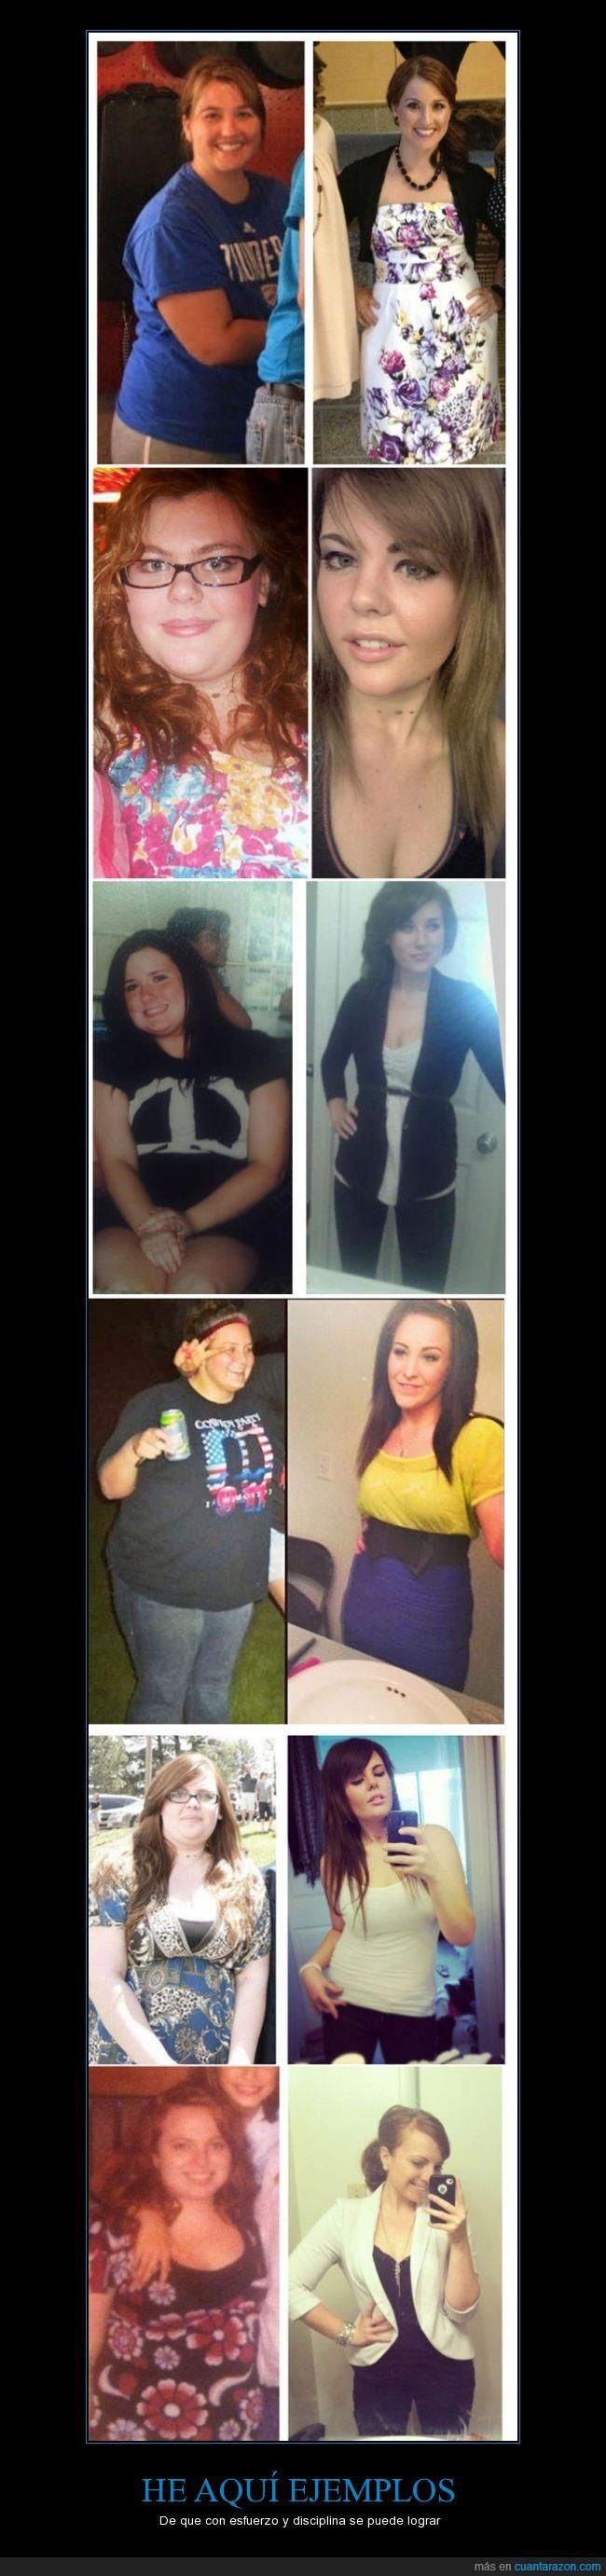 dedicación,delgada,disciplina,Esfuerzo,las gordas no son feas,Perder peso,sólo quieren sentirse bien